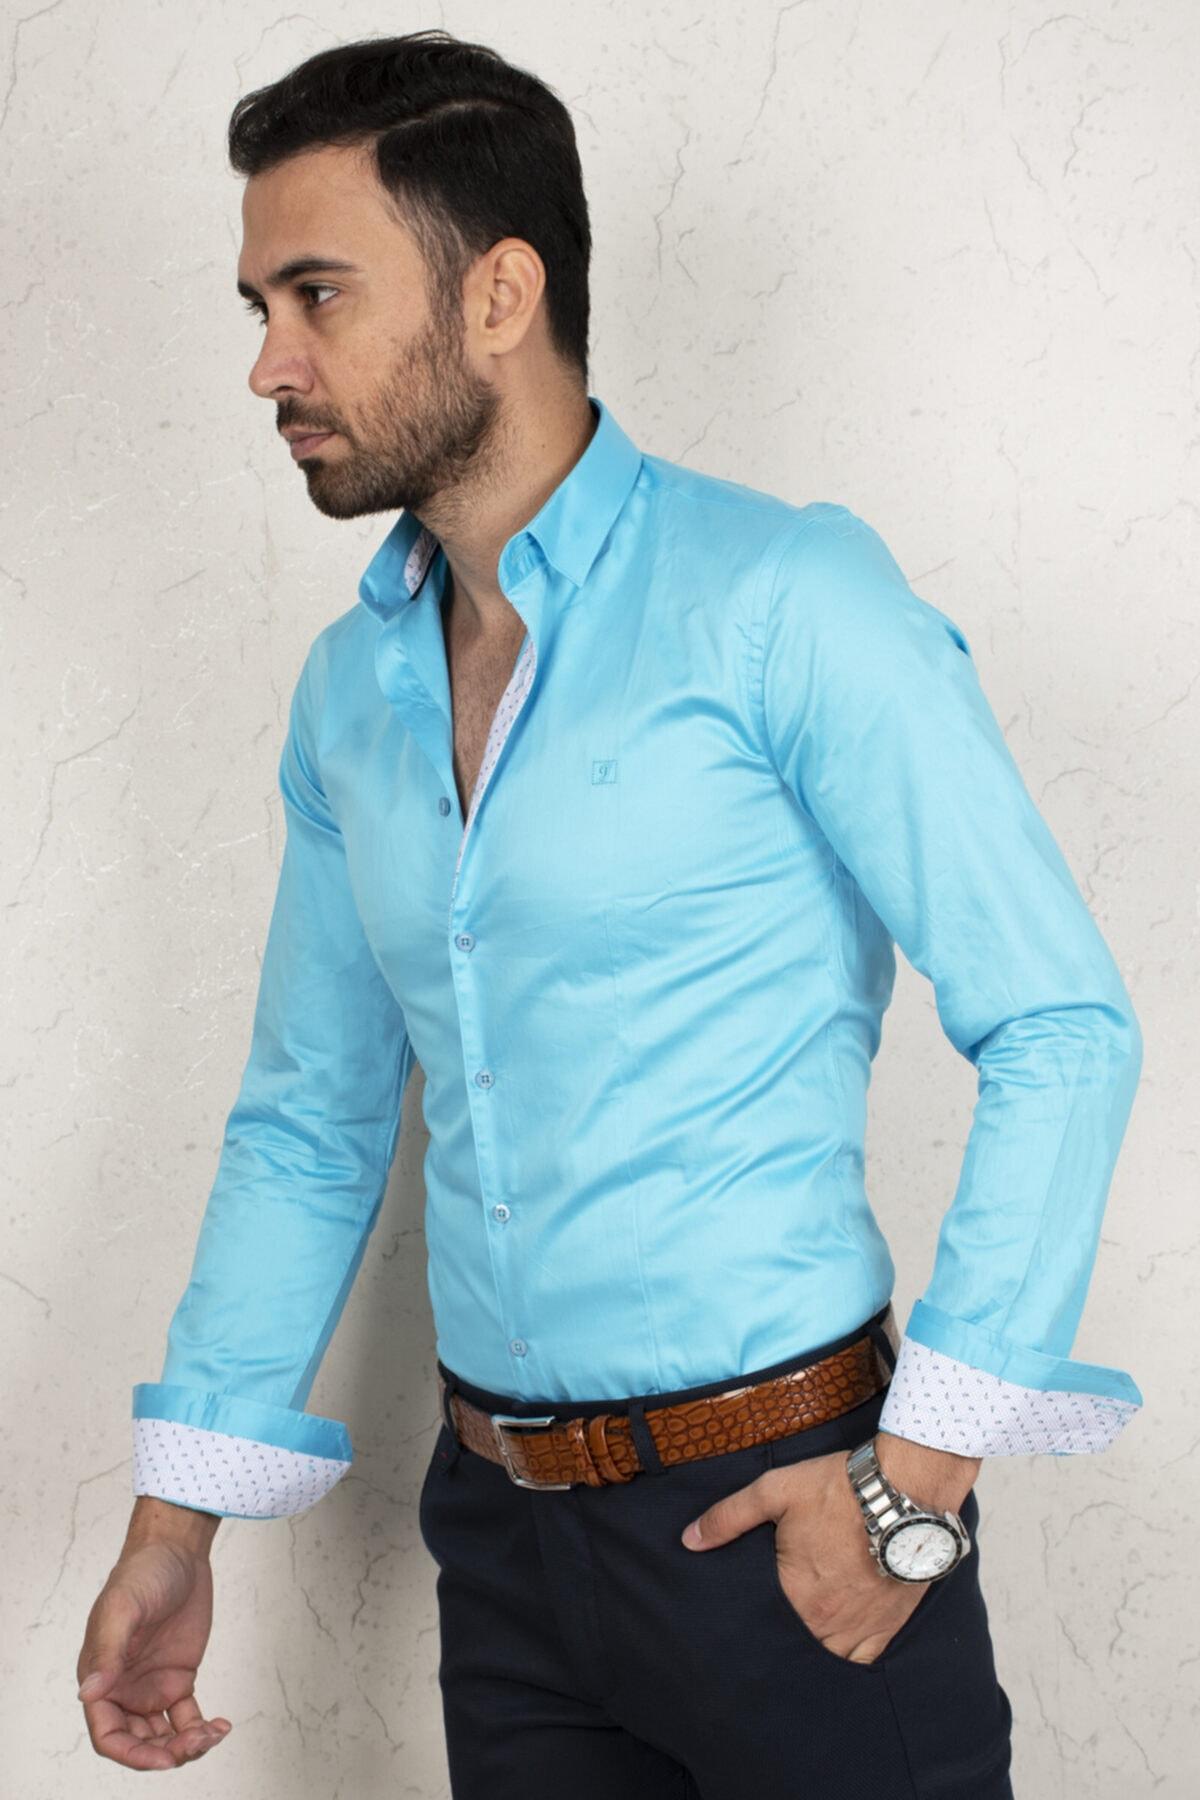 DeepSEA Erkek Mavi Saten Regular Fit Uzun Kol Gömlek 2000172 1